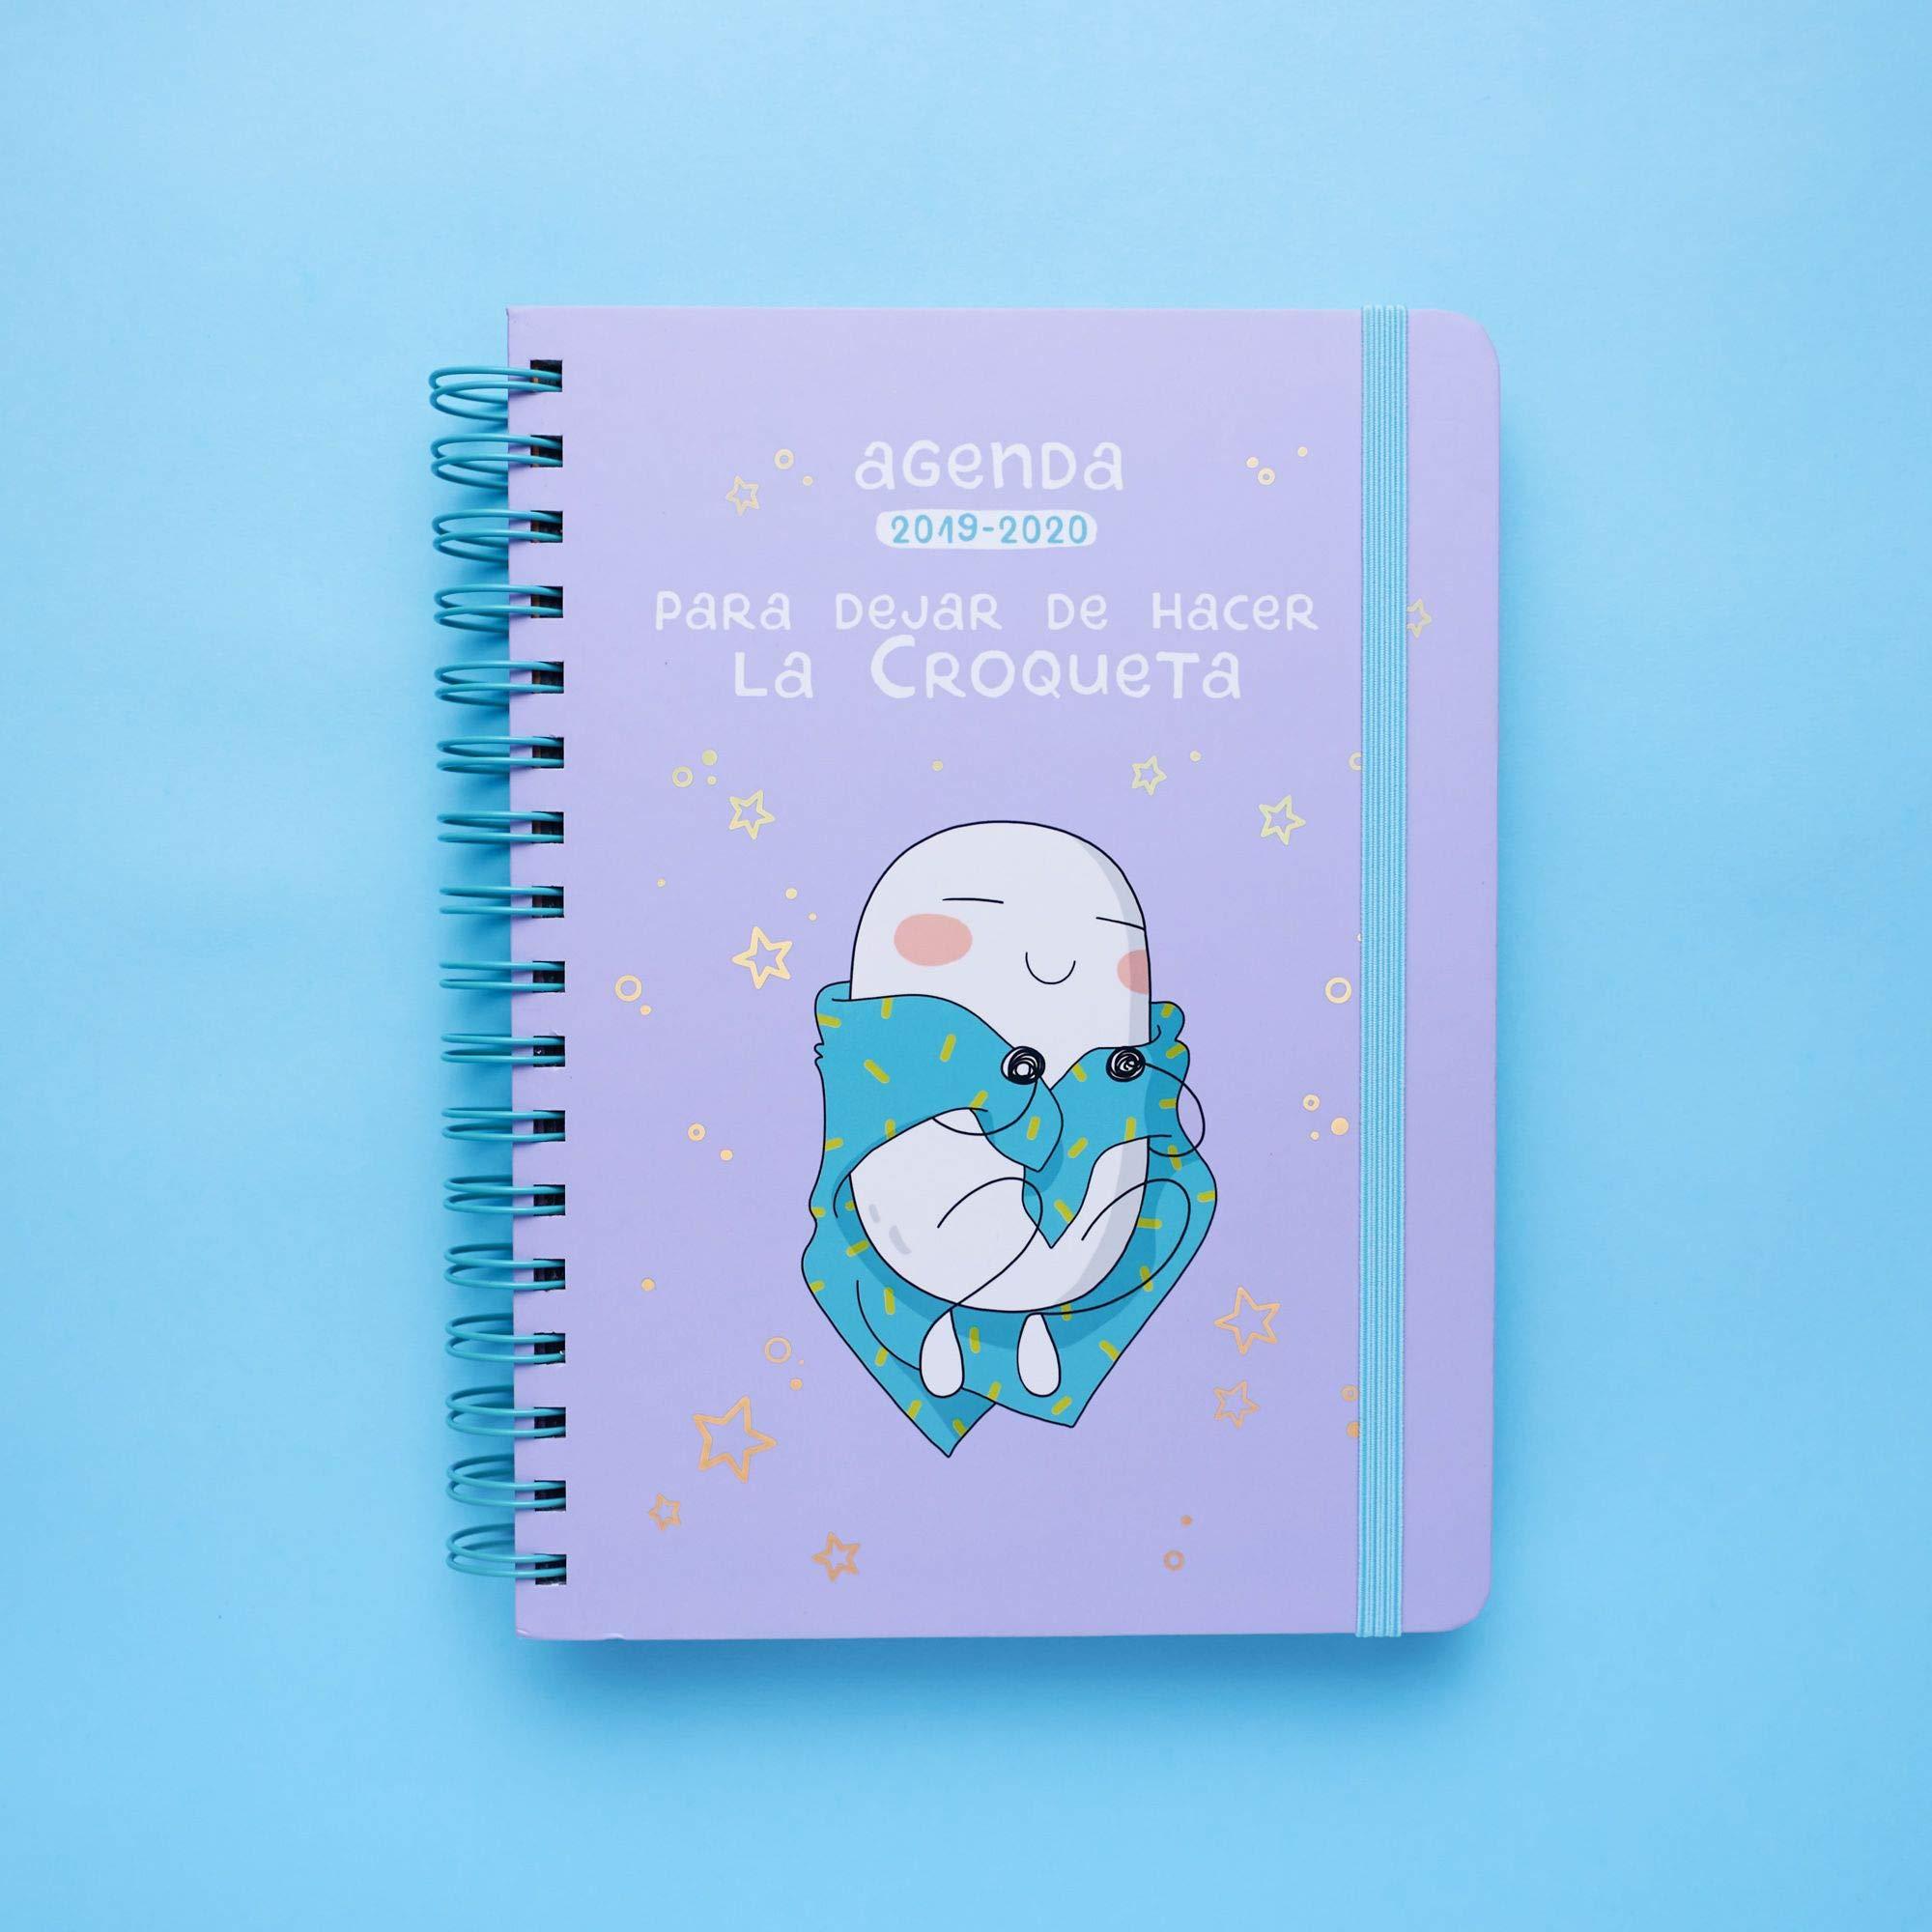 Amazon.com: Agenda escolar 2019-2020 Croqueta y Empanadilla ...